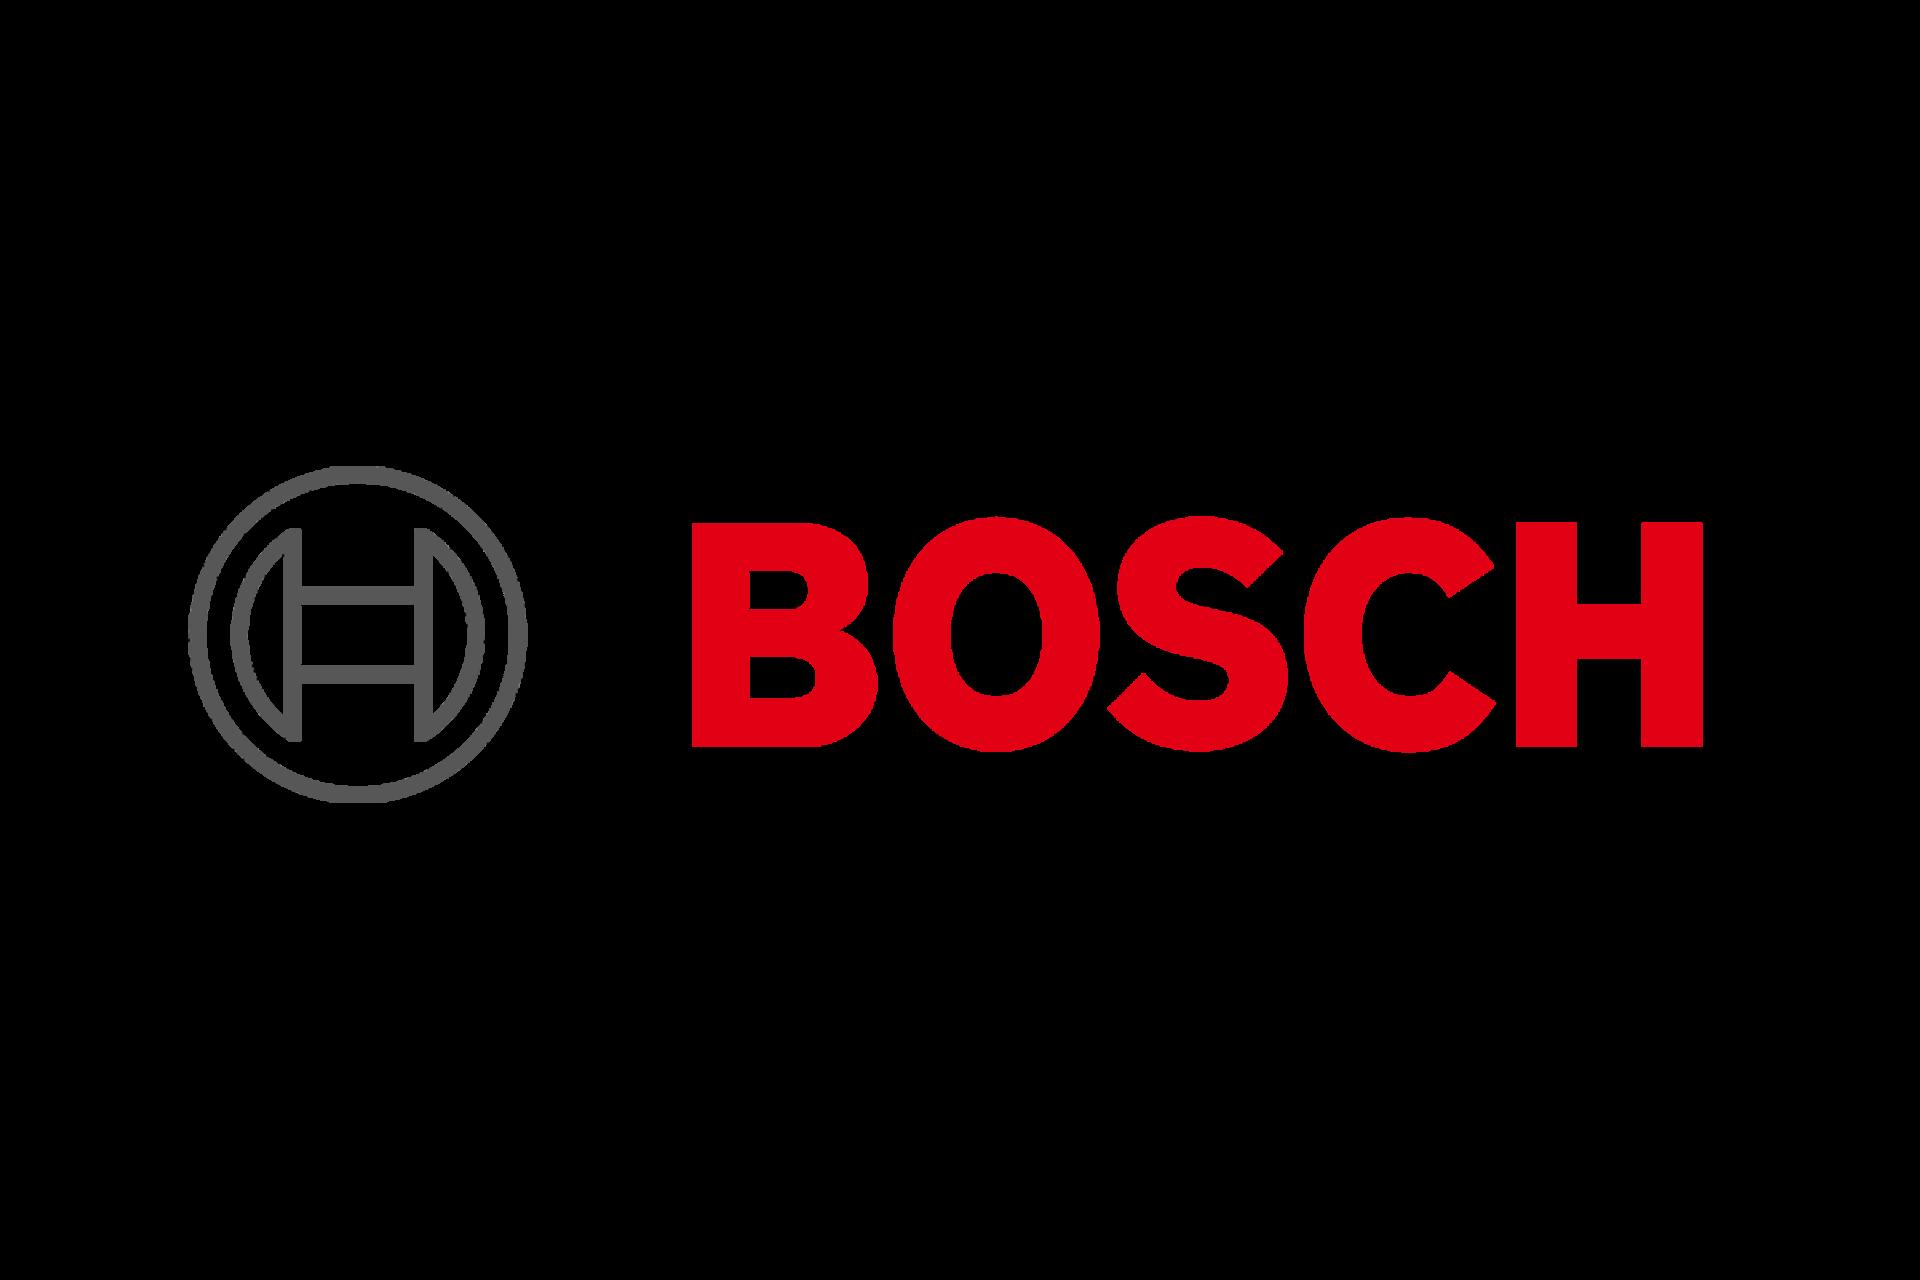 bosch referenz jentner metallveredelung logo farbig